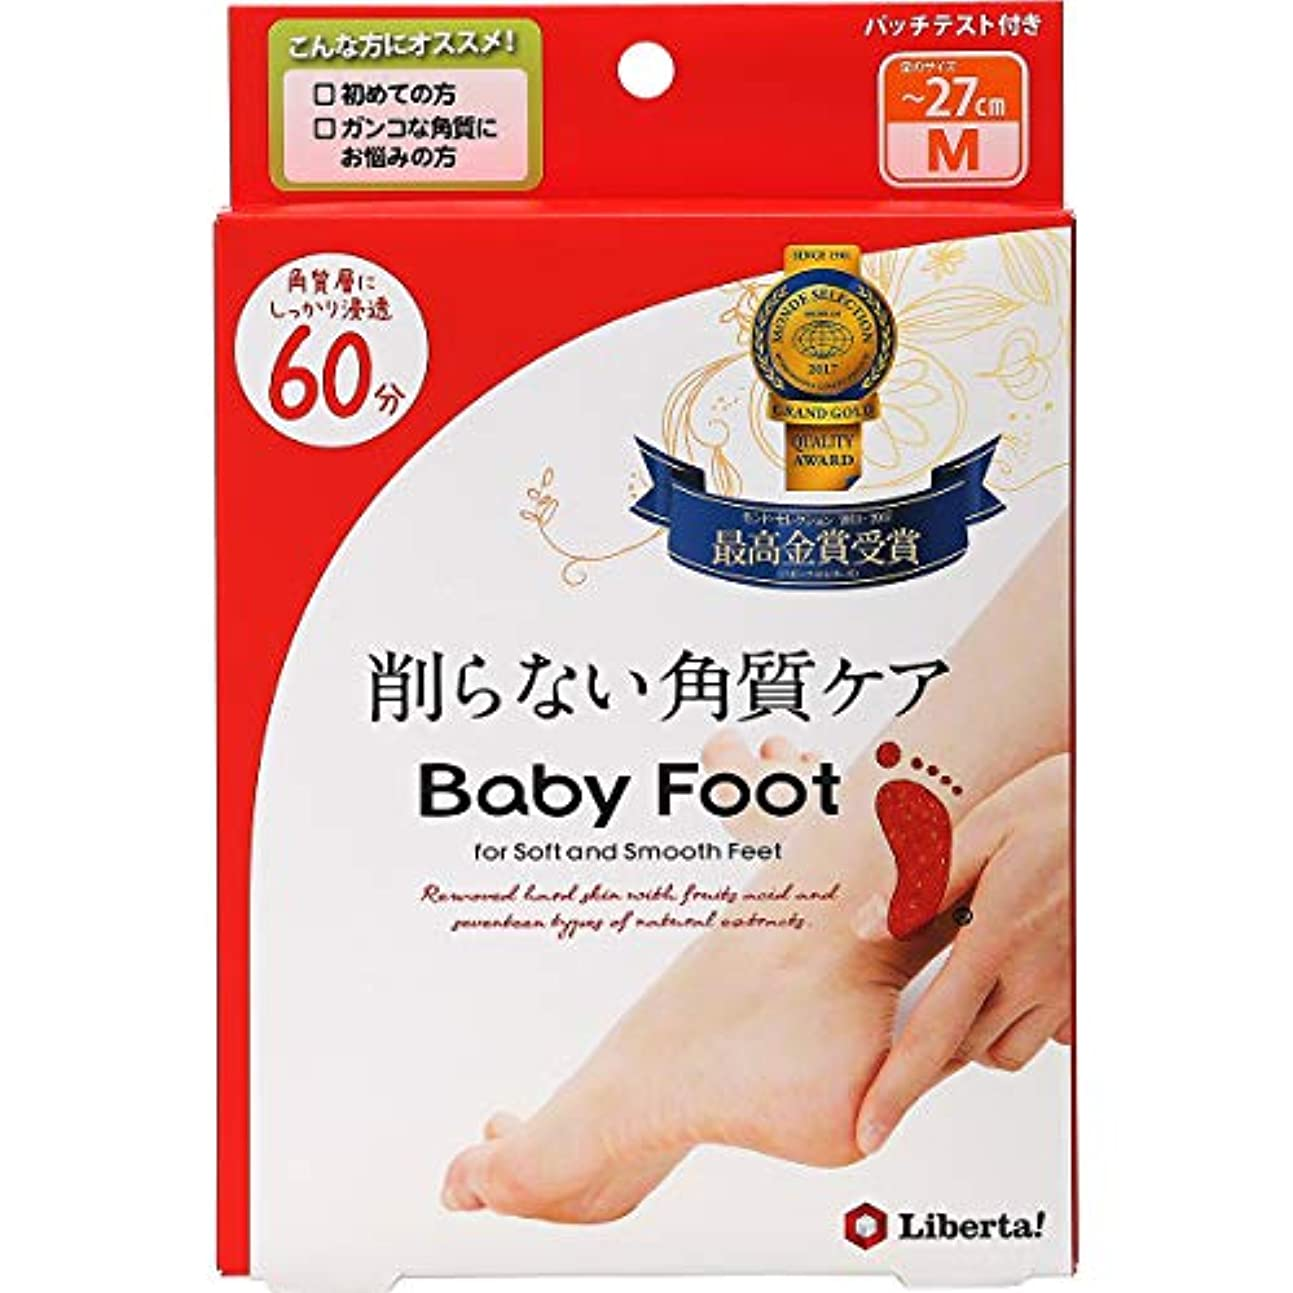 悪名高い運命馬鹿ベビーフット (Baby Foot) ベビーフット イージーパック SPT60分タイプ Mサイズ 単品